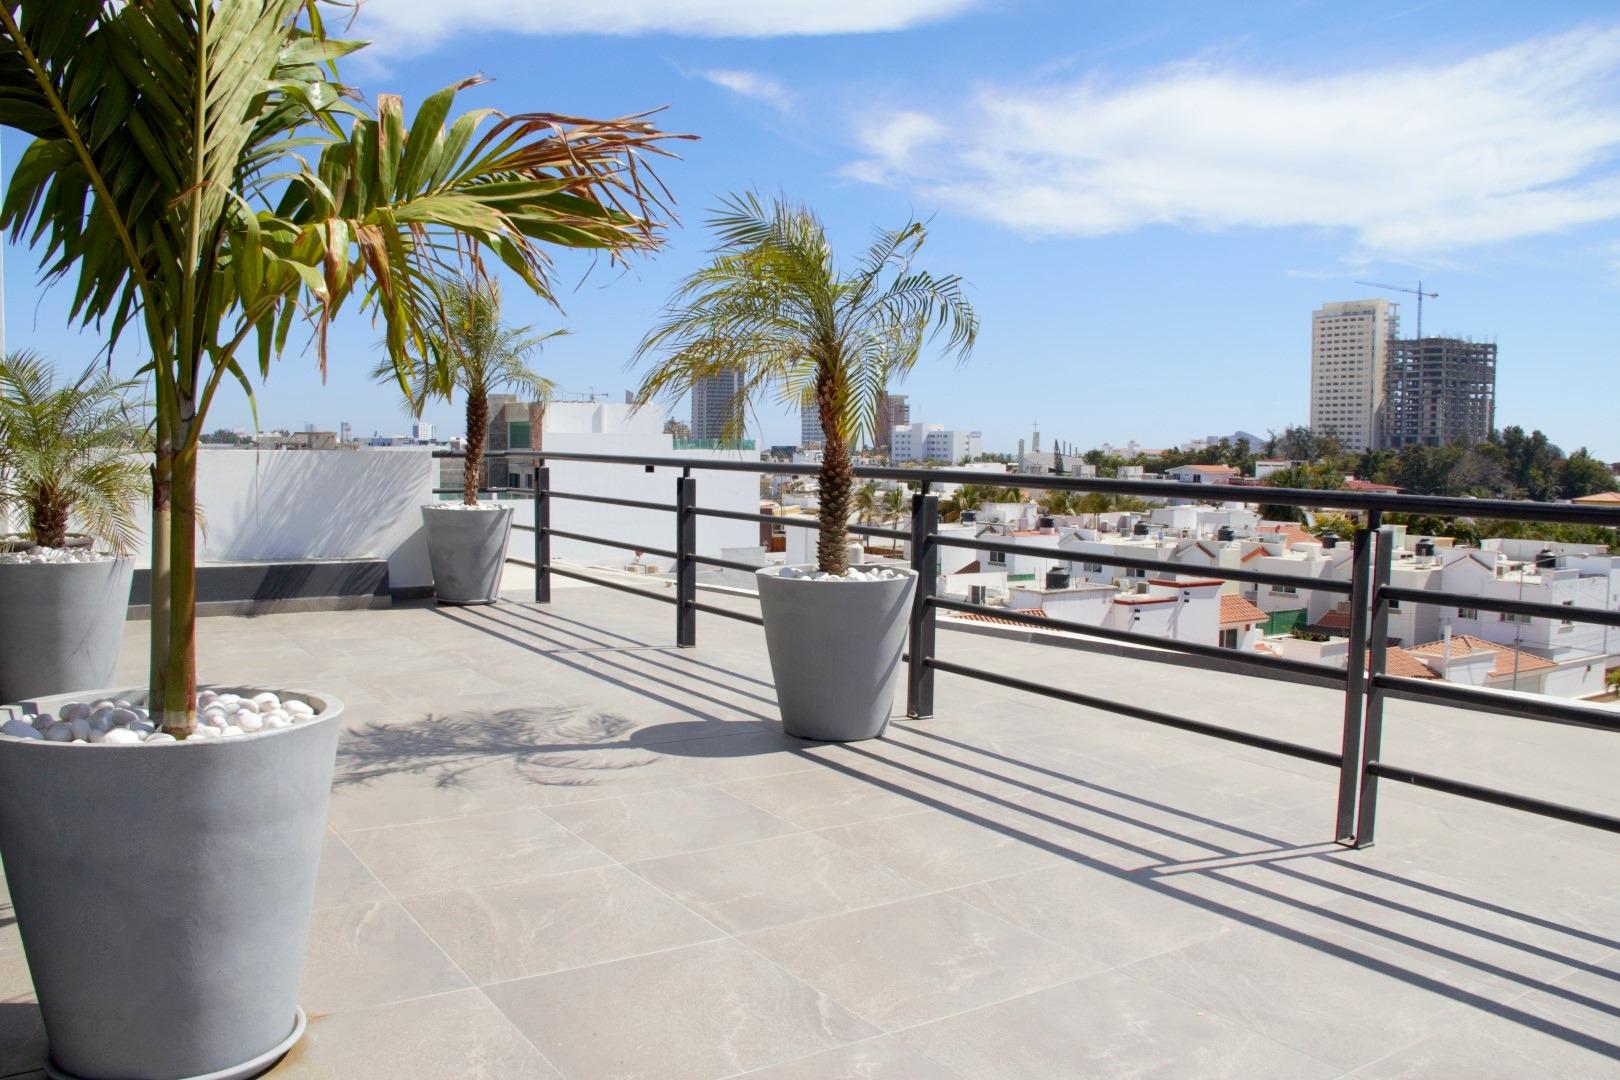 Roof-top patio.